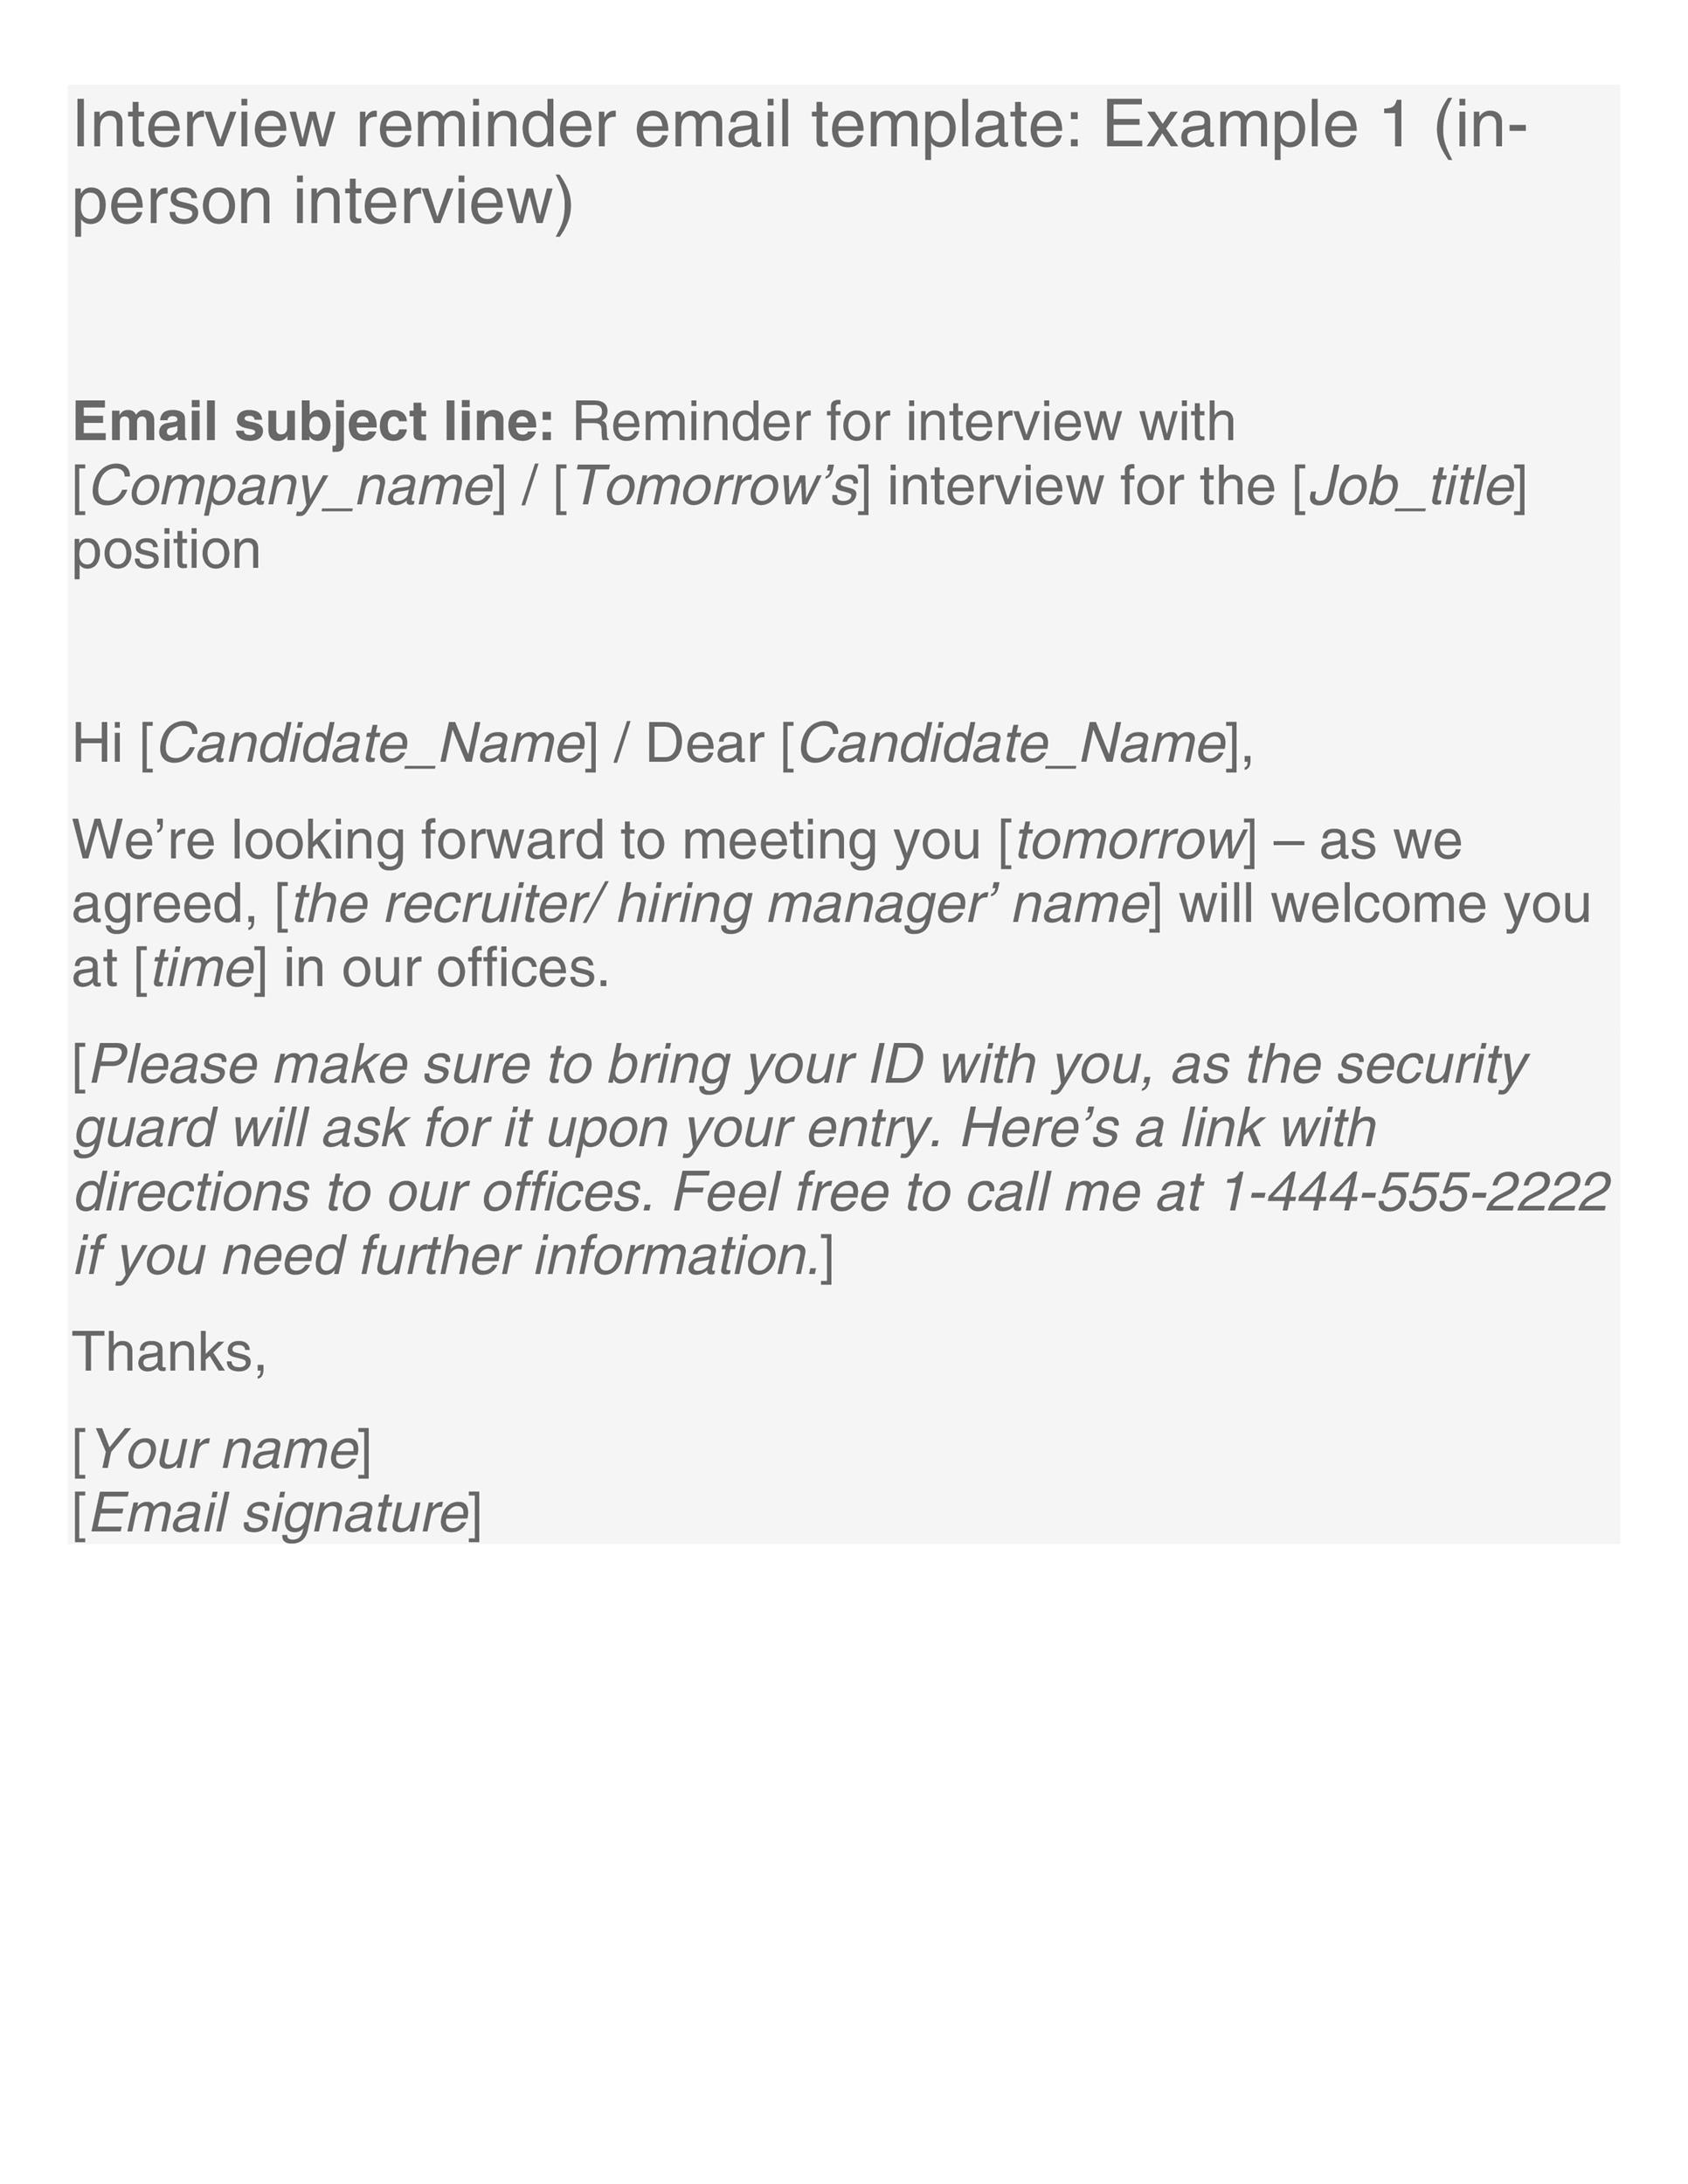 Free reminder email sample 26